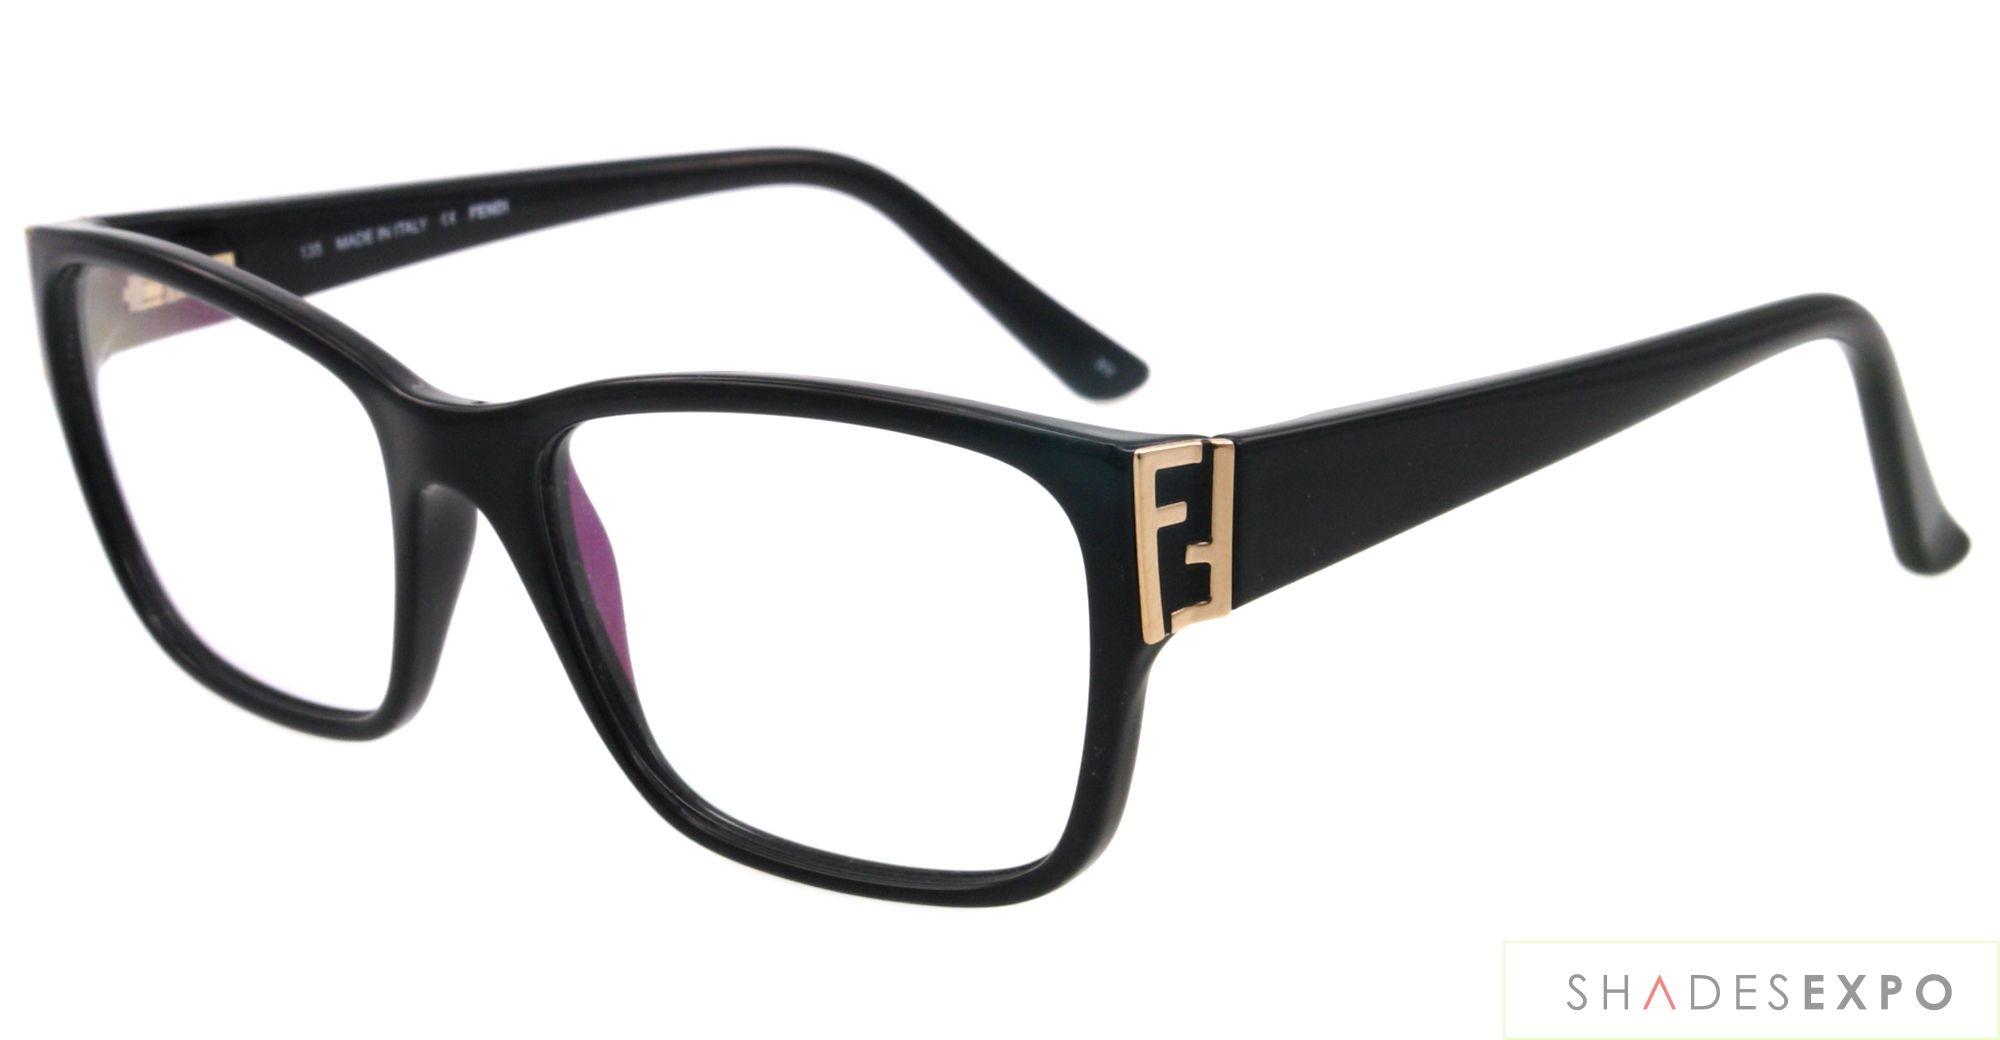 8a1aa87480 NEW Fendi Eyeglasses F 973 BLACK 001 52MM F973